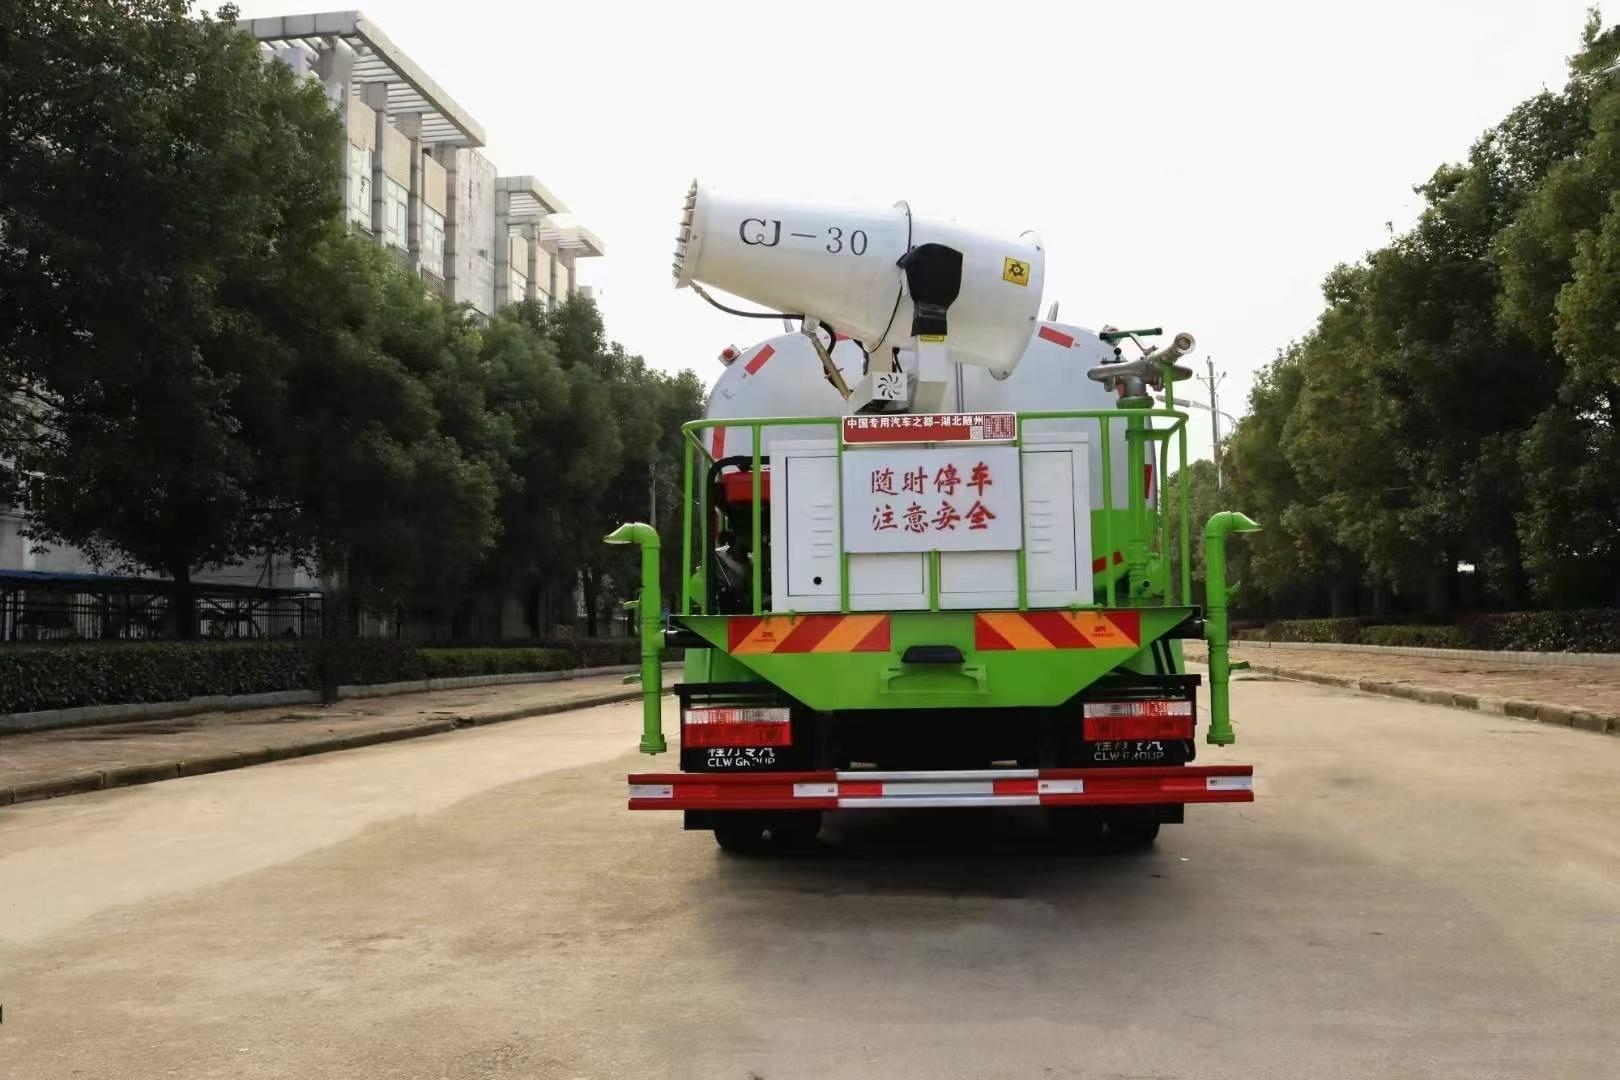 国六绿化喷洒车图片